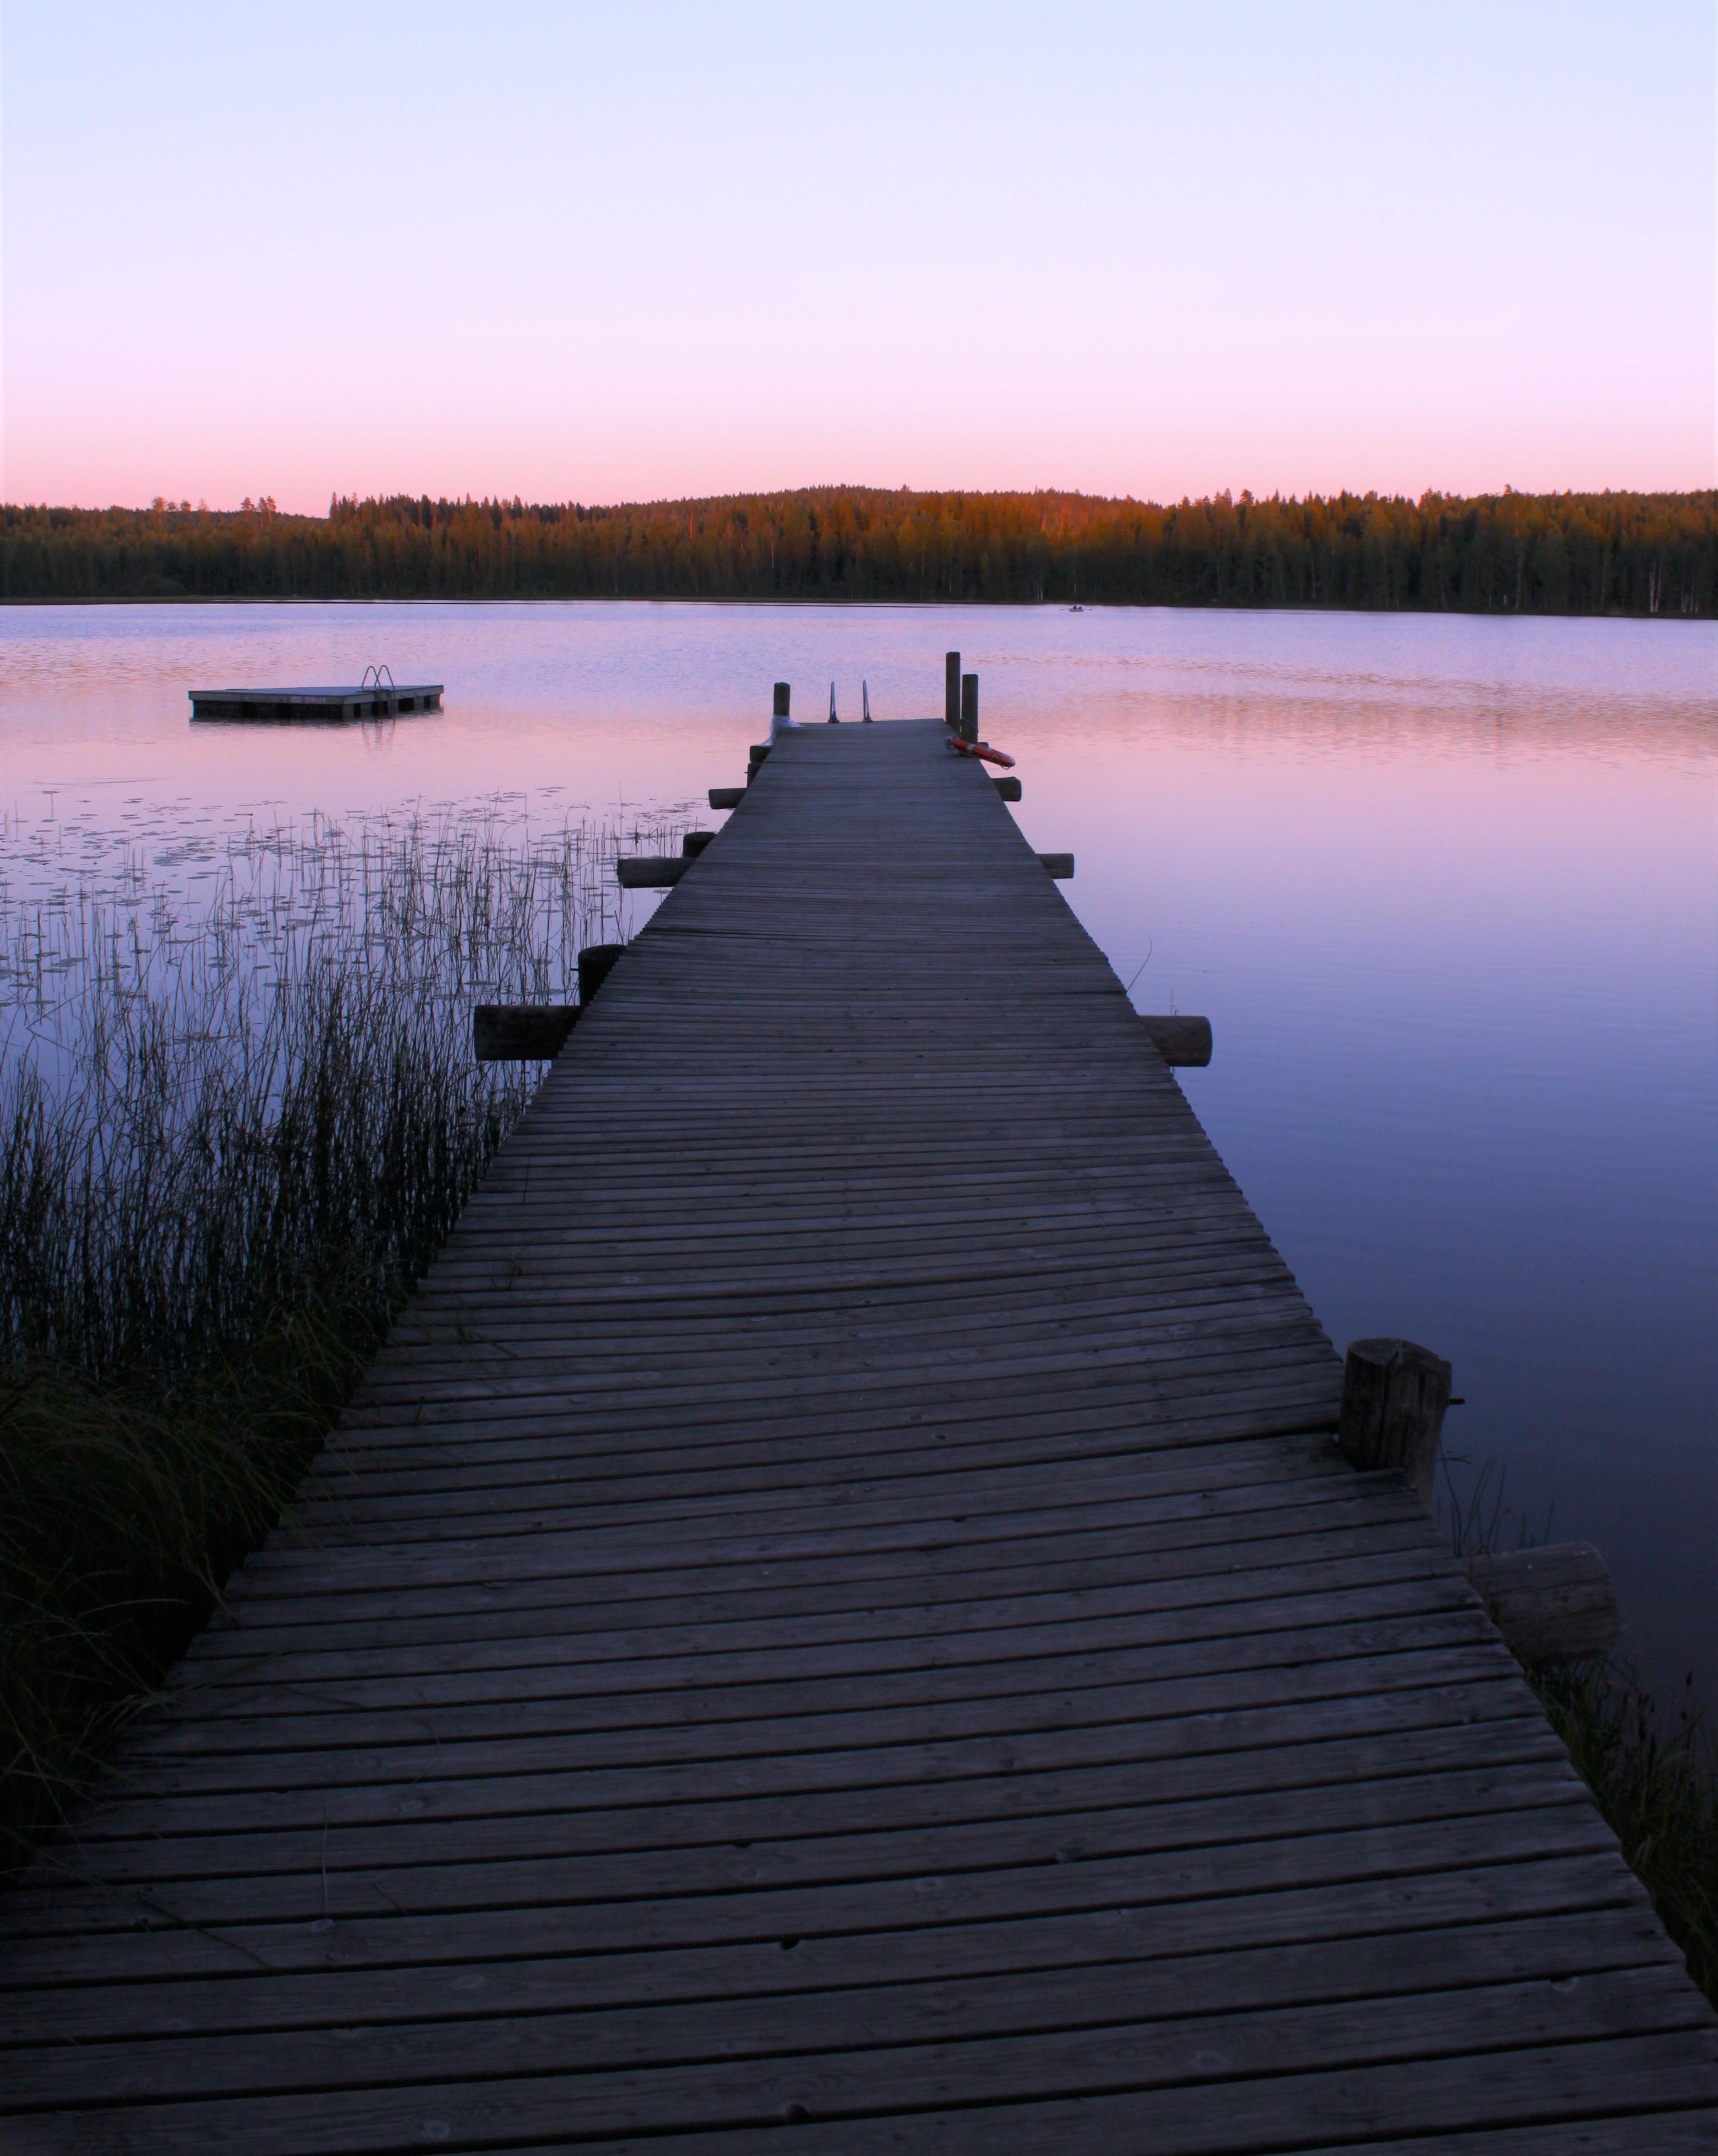 7 miljardia äärettömyyttä (5) Keuruu, järvi, Suomi, laituri, auringonlasku.JPG